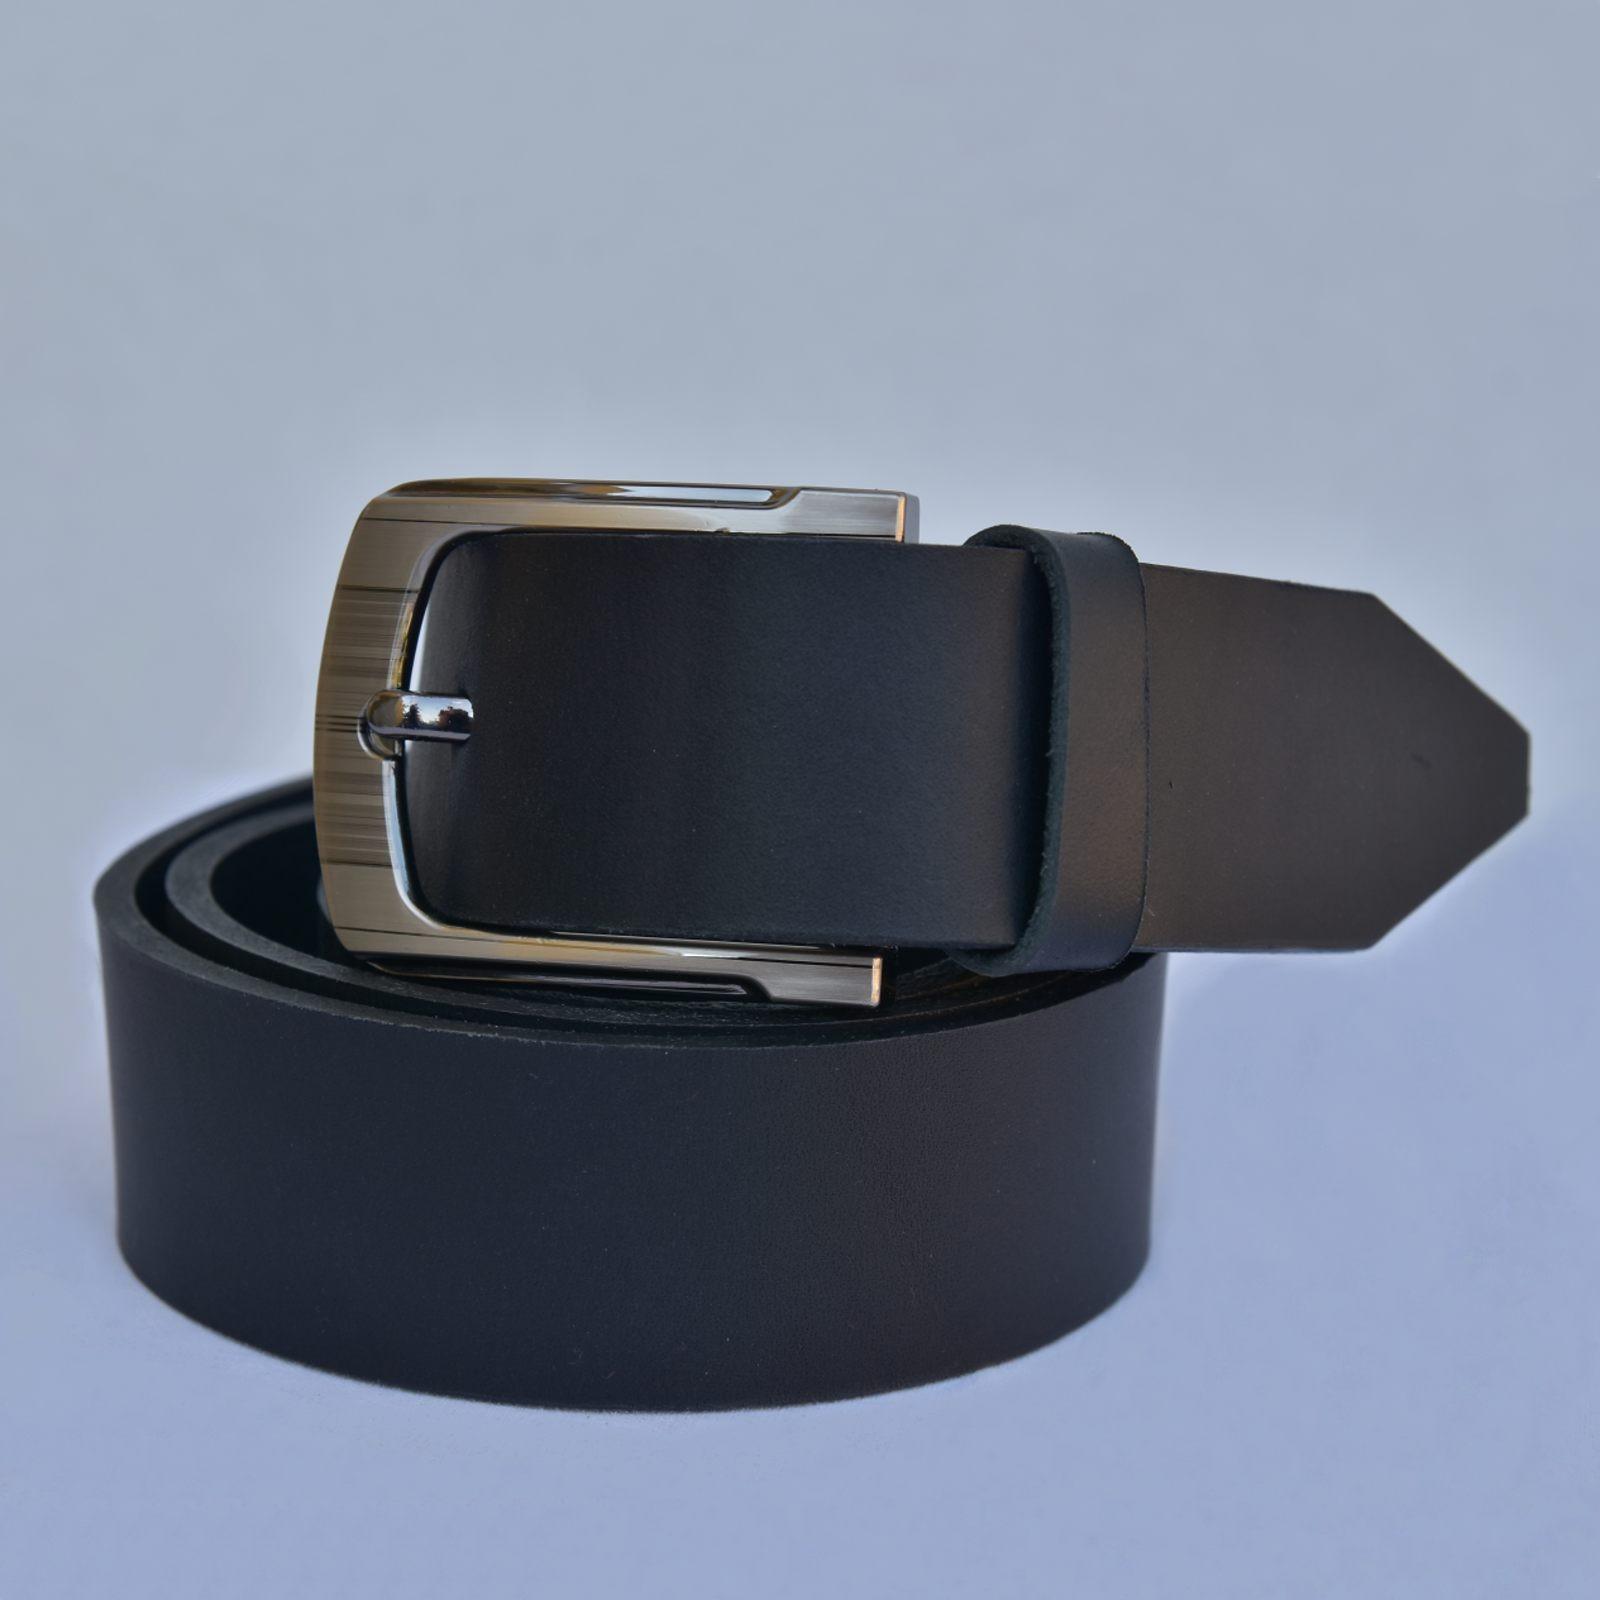 PÁNSKÝ KOŽENÝ PÁSEK - šířka 3,5 cm, STŘÍBRNÁ SPONA - černý